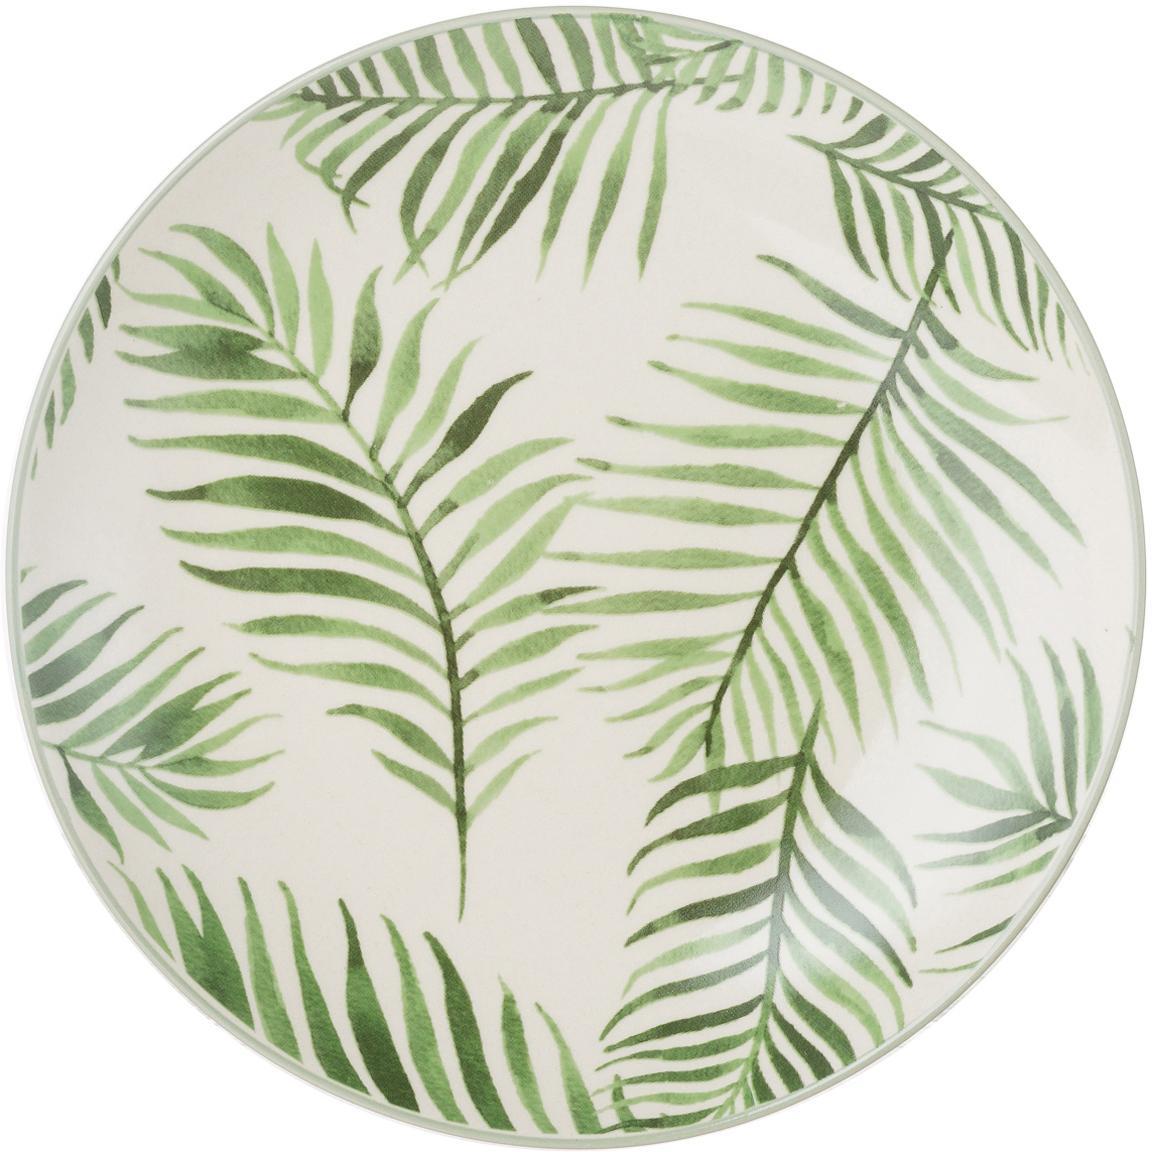 Ontbijtborden Jade, 4 stuks, Keramiek, Beige, groen, Ø 20 cm